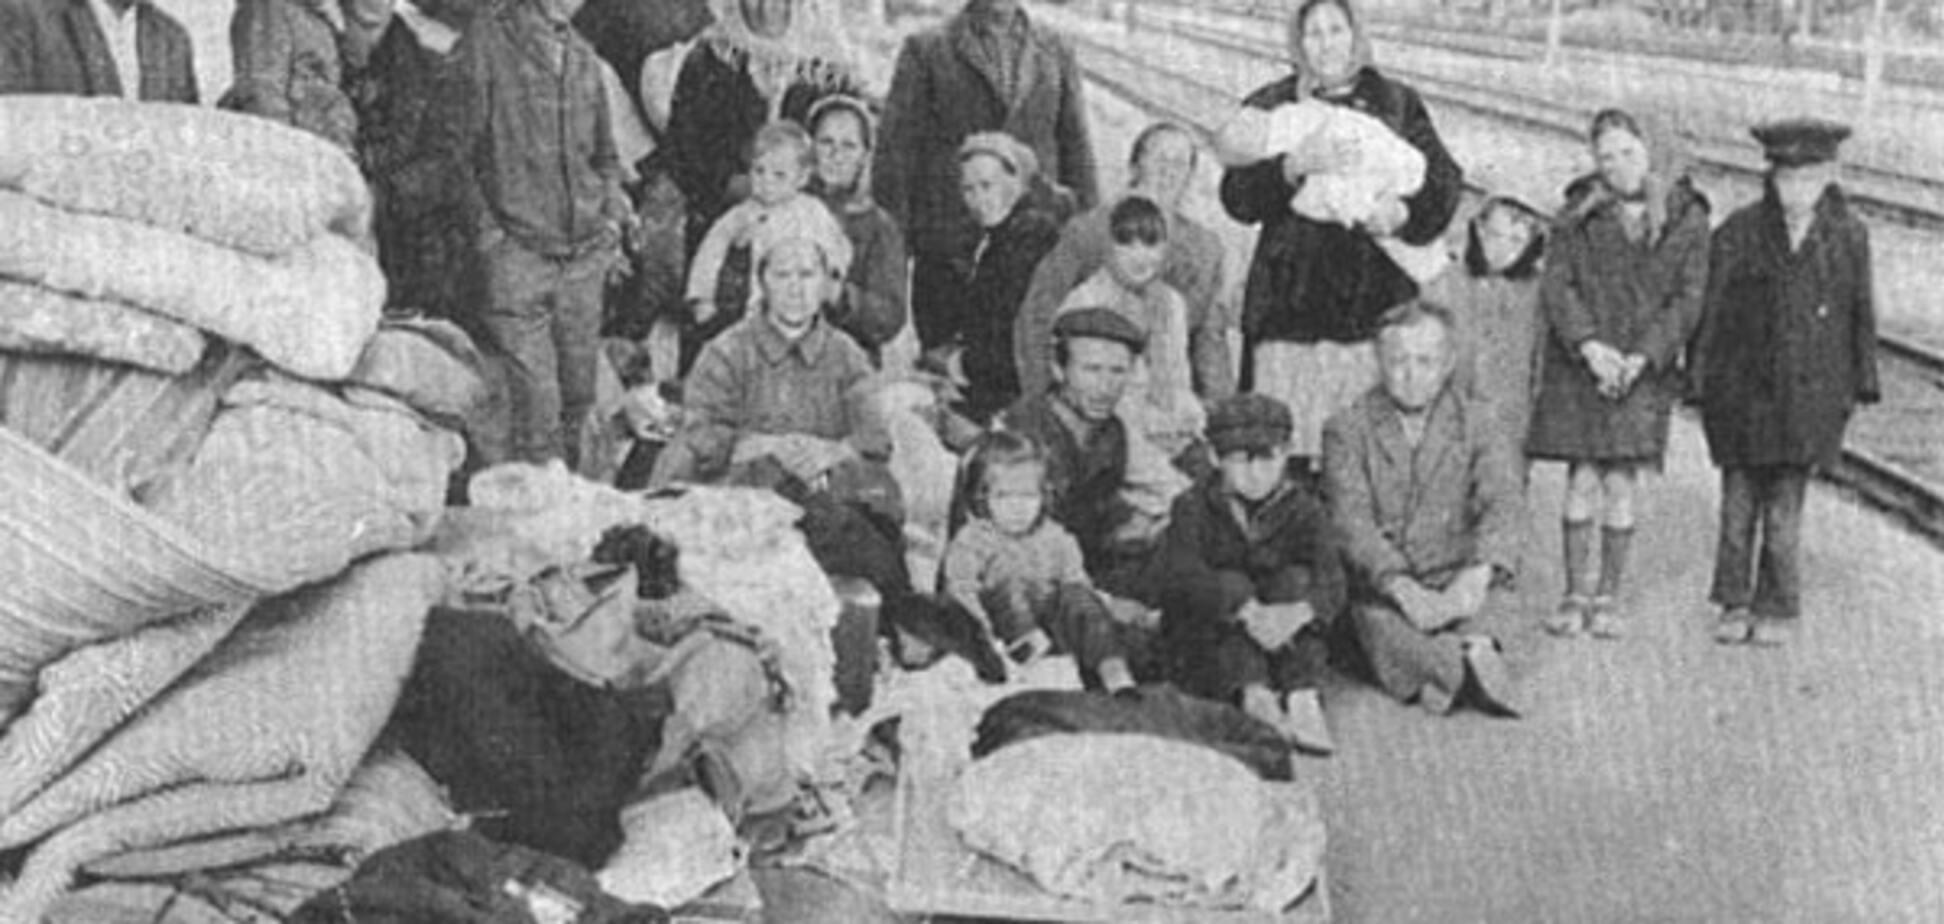 Чергова війна: історик розкрив реальні мотиви депортації кримських татар